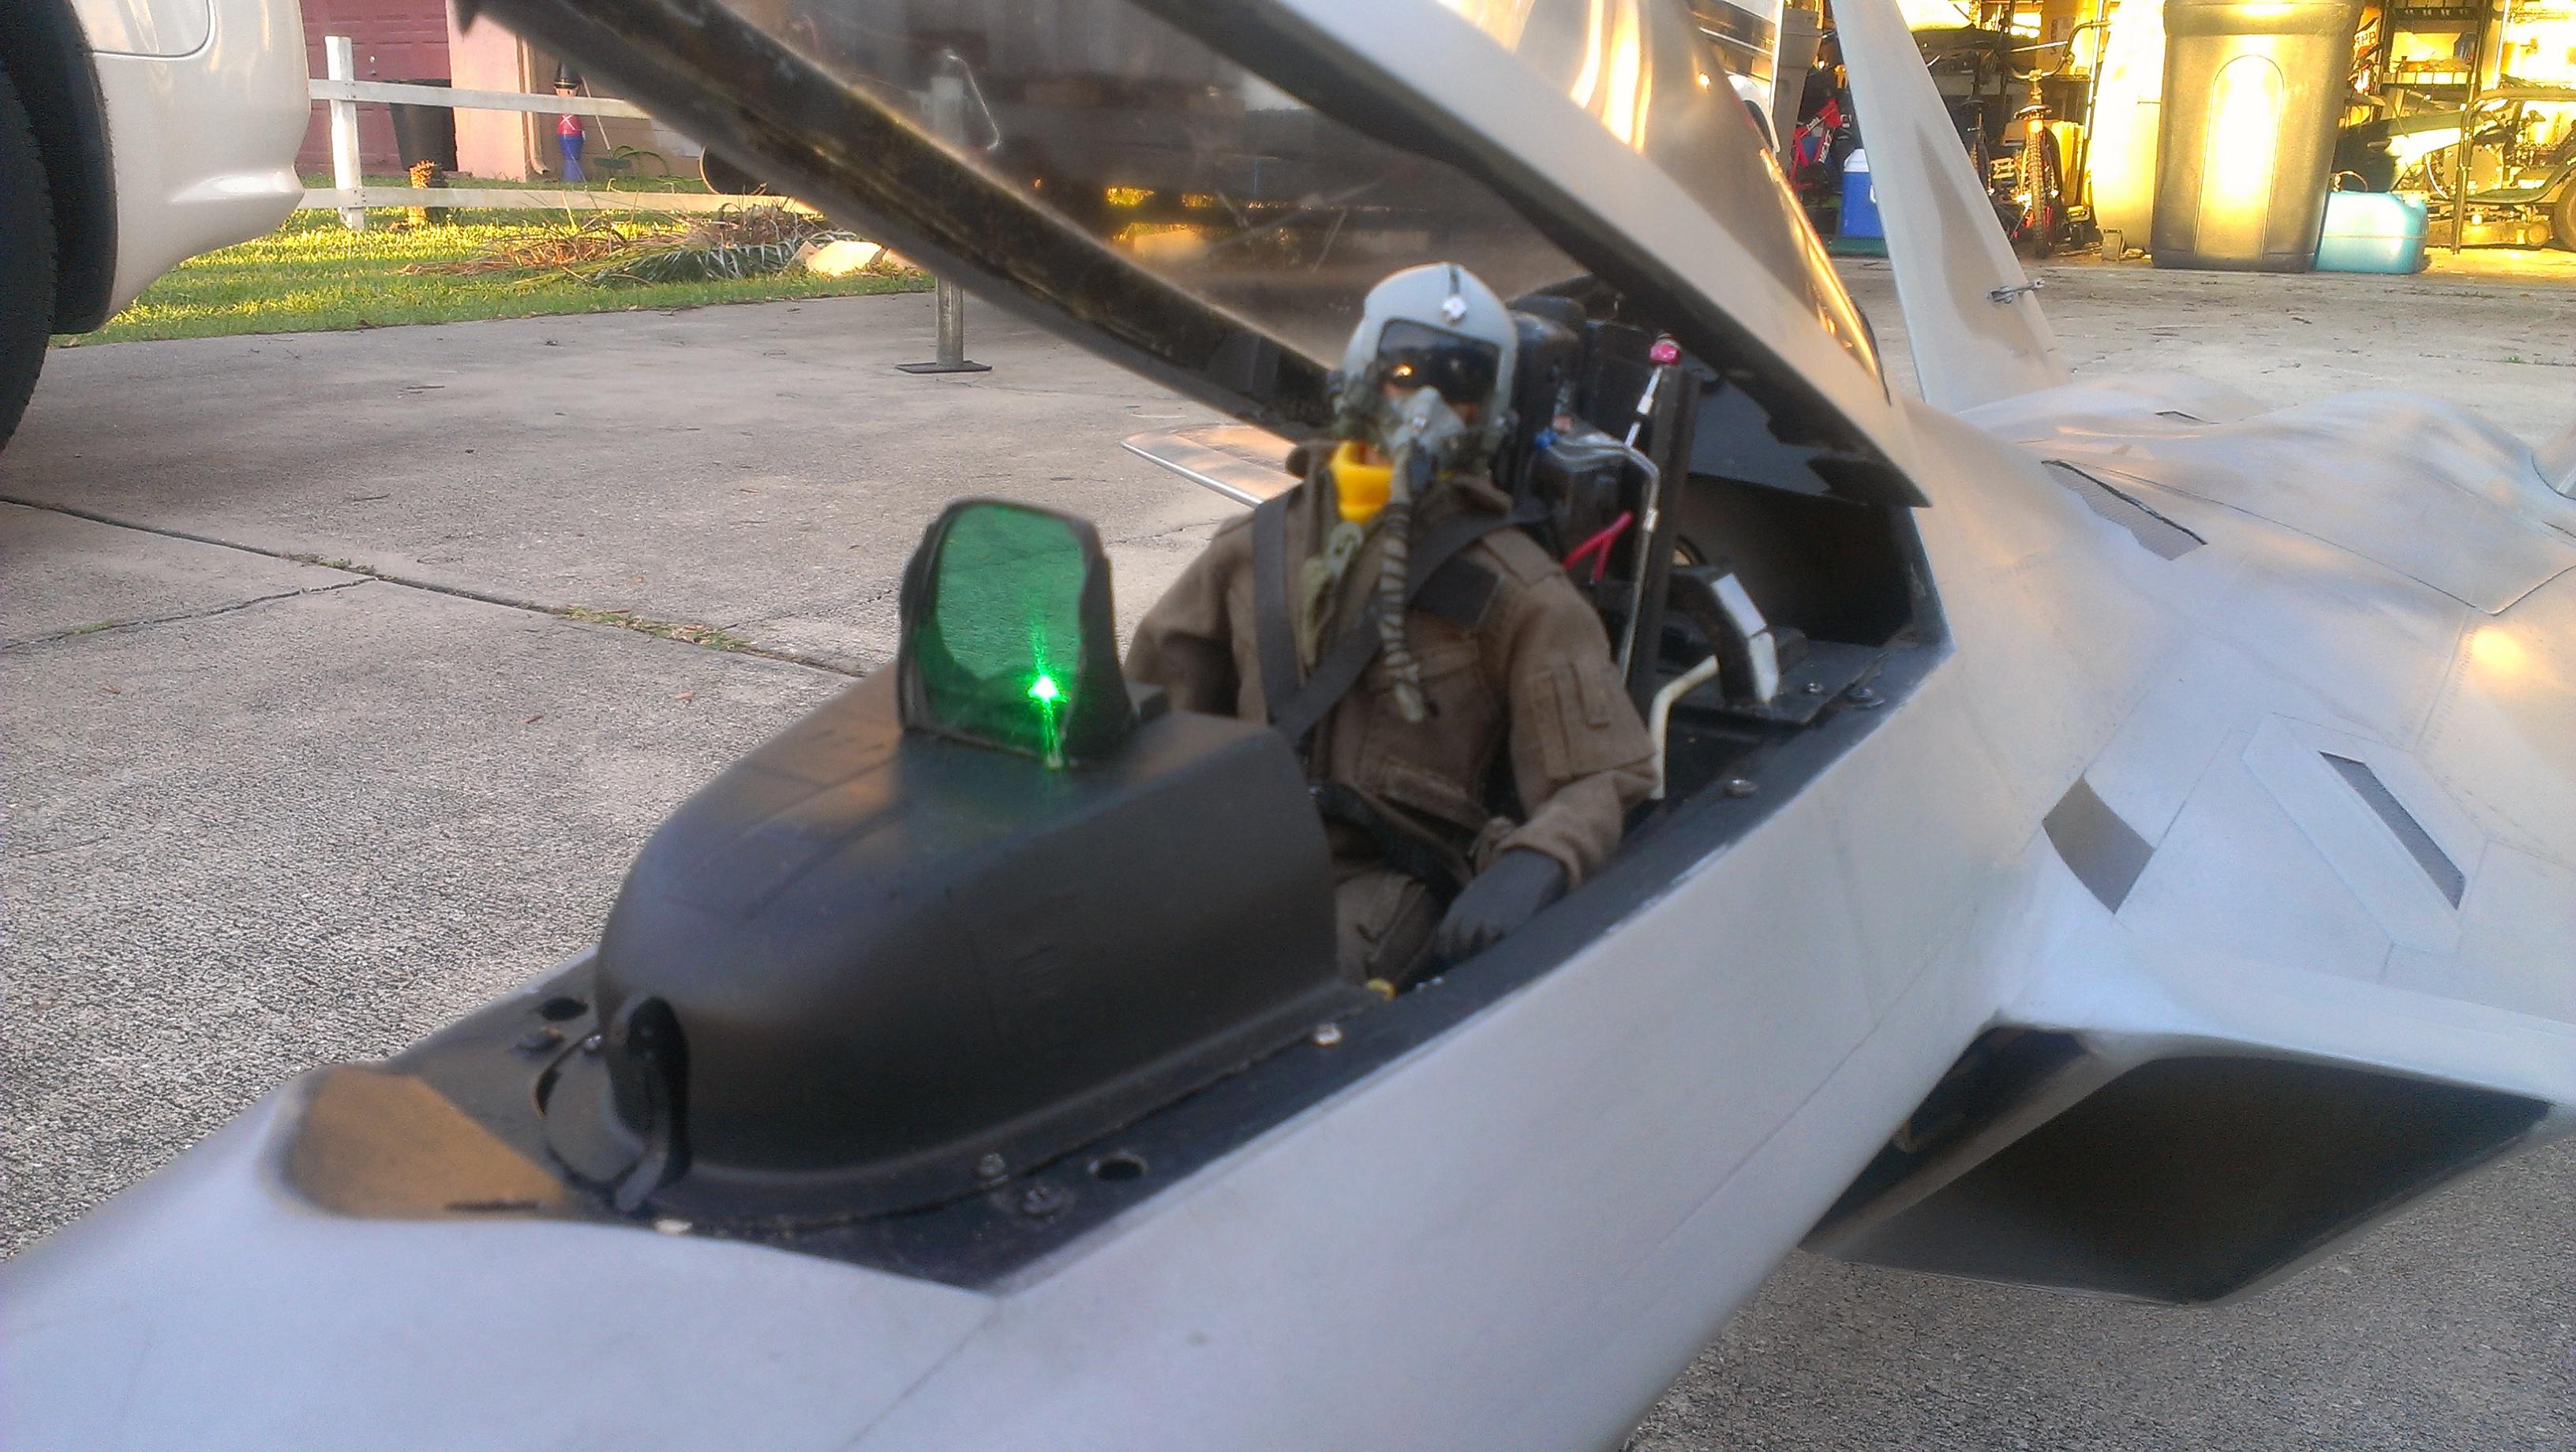 F22 Cockpit - RCU Forums